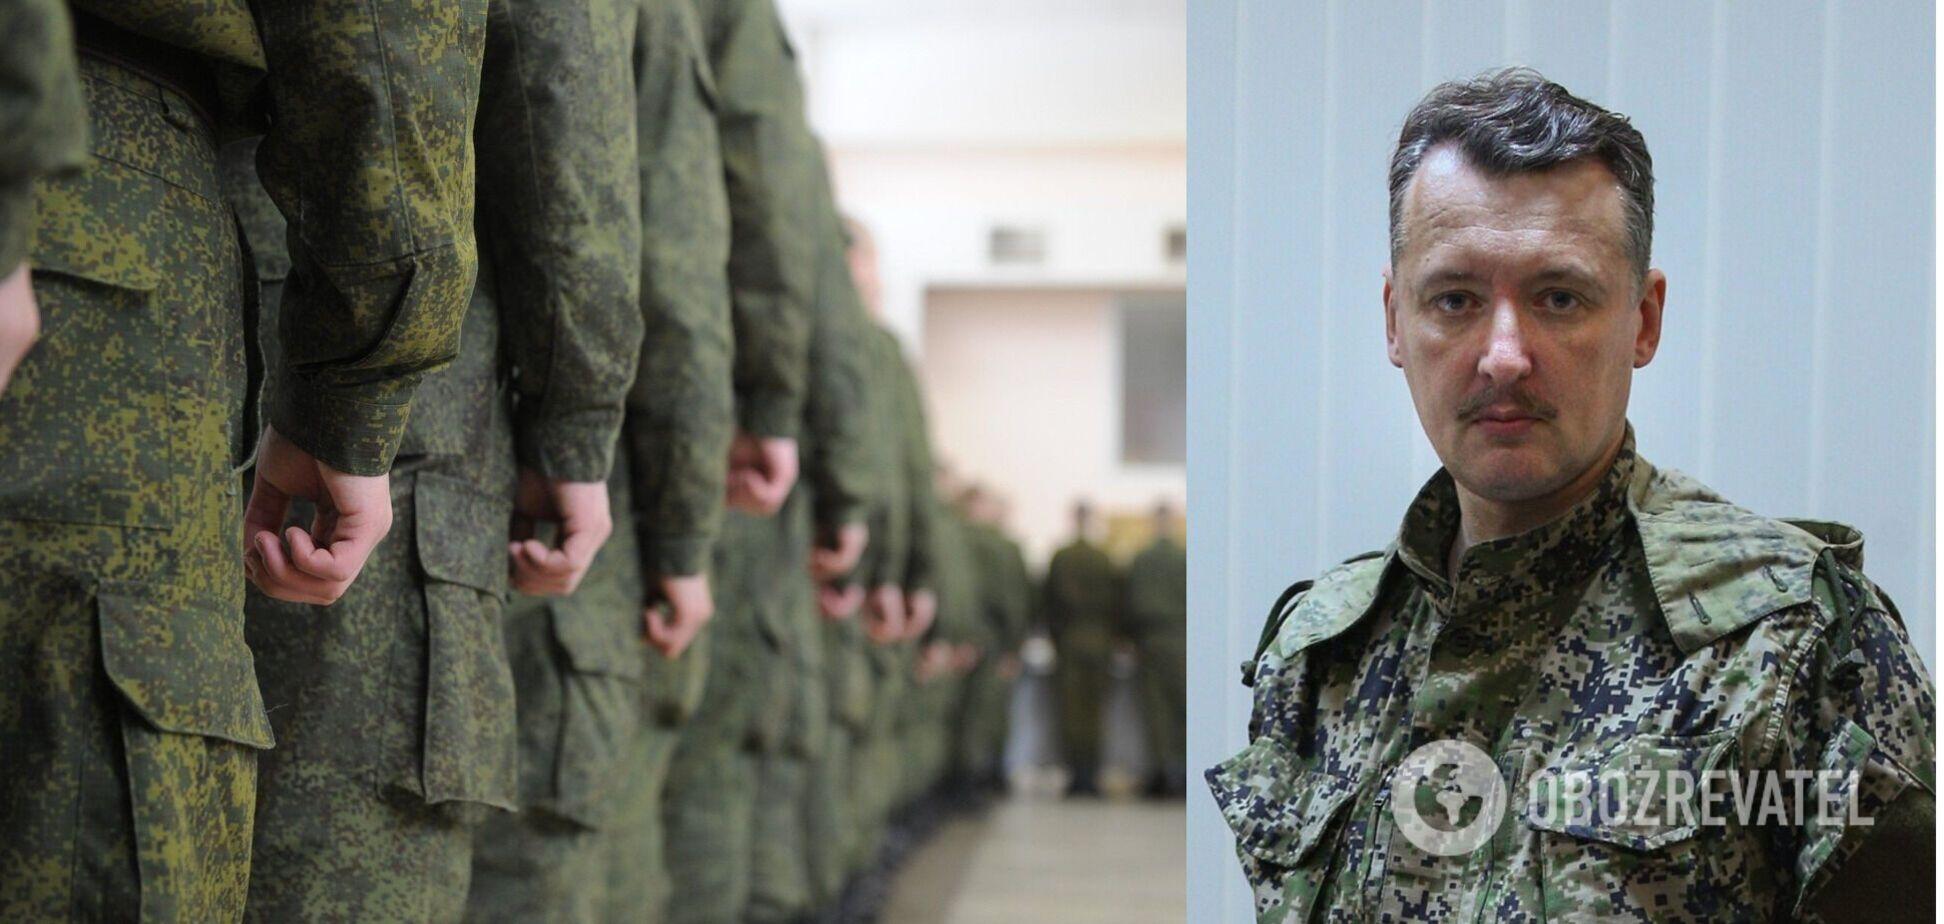 Гіркін визнав, що Росія спонсорує бойовиків на Донбасі. Відео